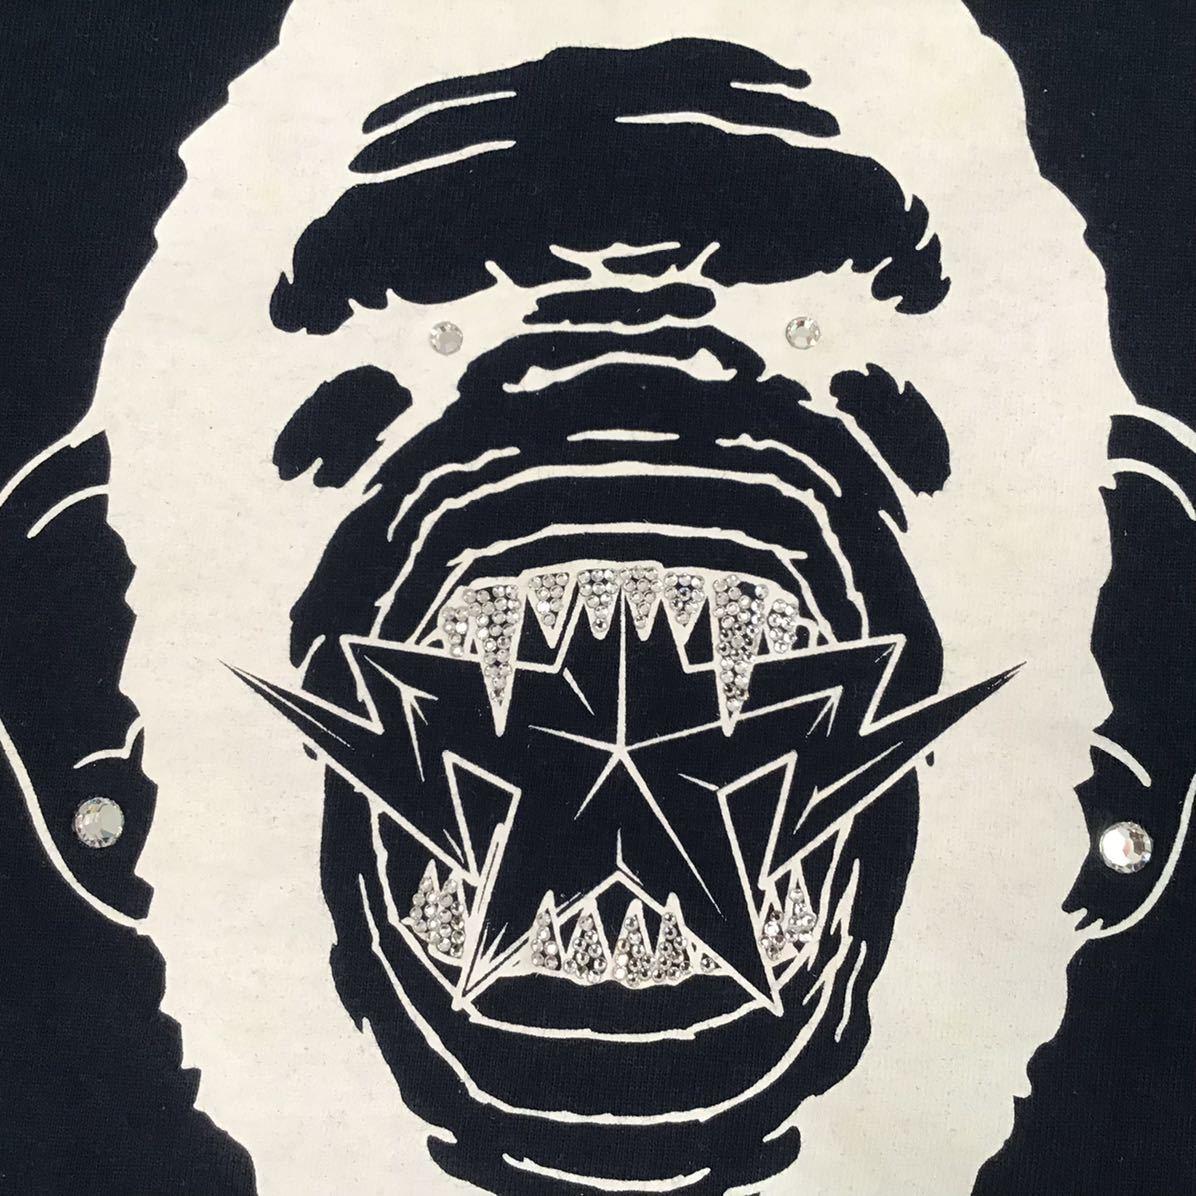 スワロフスキー 大猿 Tシャツ Mサイズ ネイビー a bathing ape bape head swarovski ラインストーン エイプ ベイプ アベイシングエイプ m58